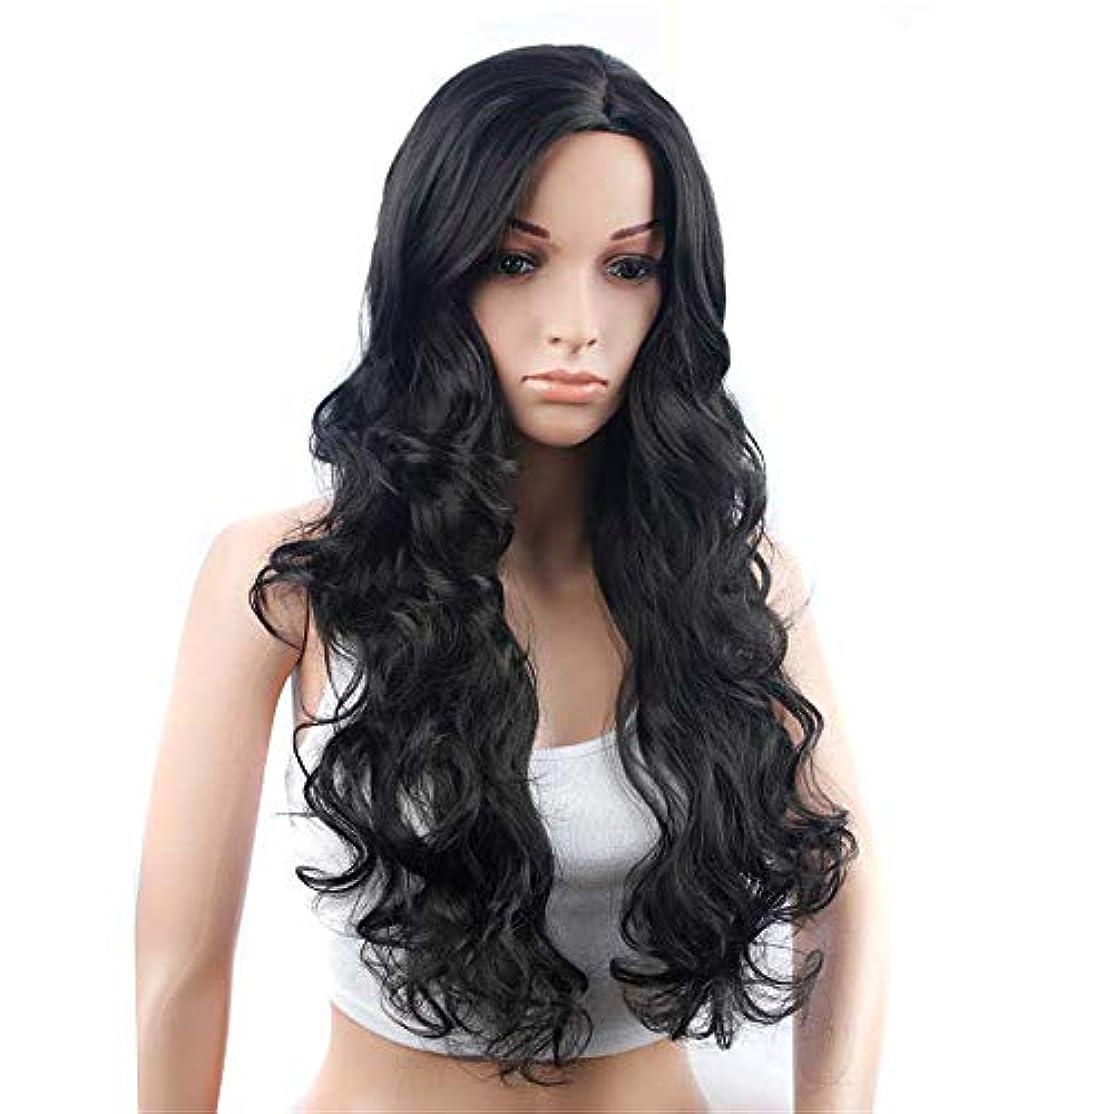 ペンたぶんサーバウィッグロングウェーブブラックカラーロングウェーブ人工毛高温繊維ヘアスタイル女性用髪の毛ナチュラルミドルパート耐熱ヘアプレイ、ハロウィン23インチ